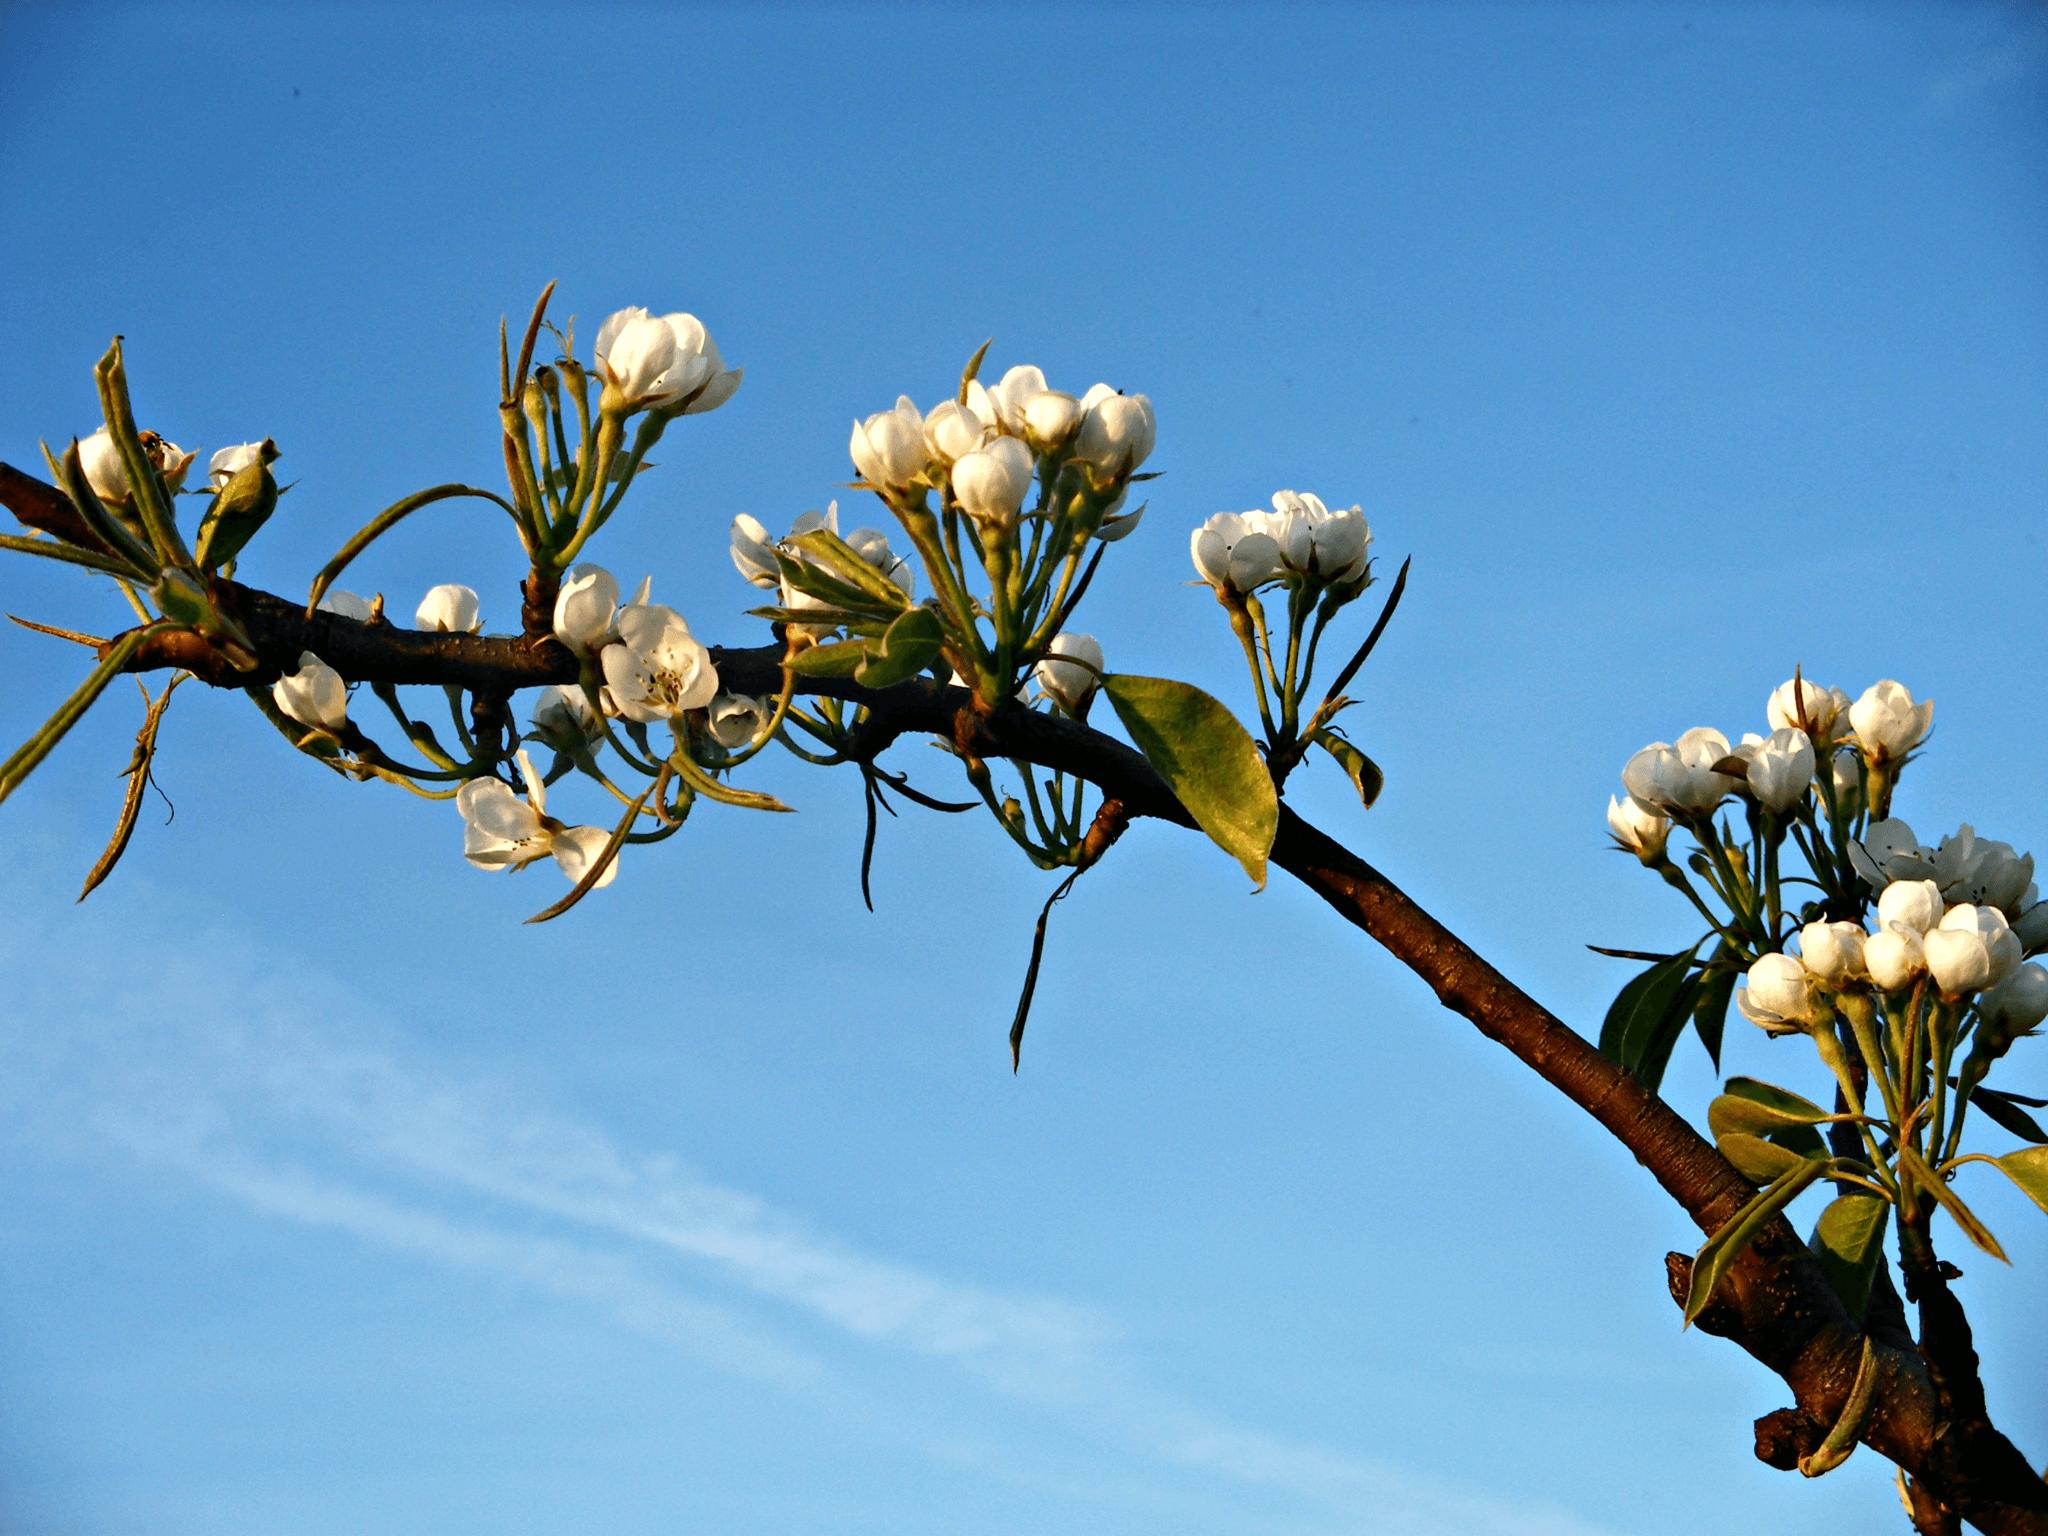 Fruitbedrijf Van den Berge_Voorjaar_bloei peren